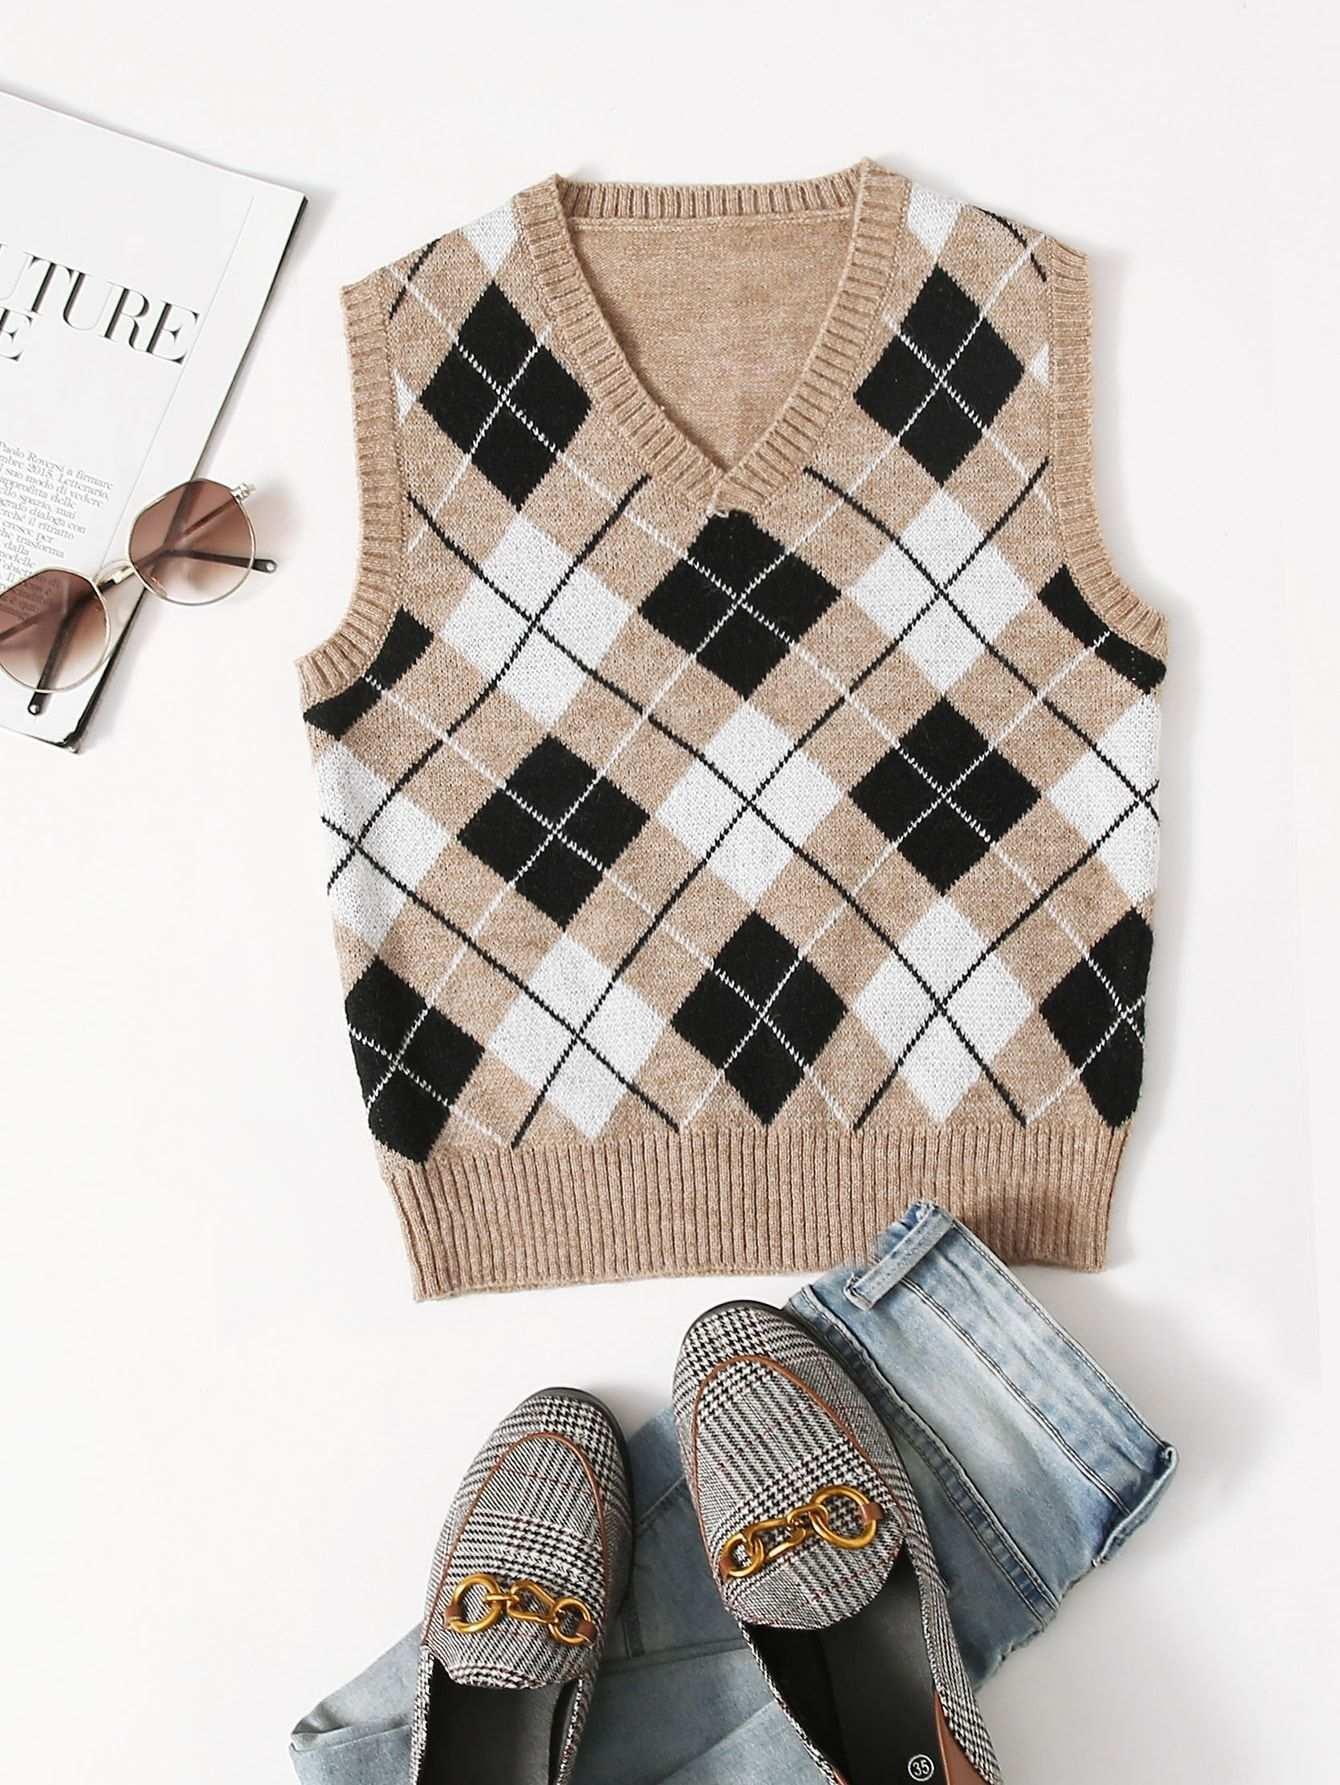 V Neck Argyle Pattern Sweater Vest Shein Usa In 2020 Sweater Vest Knit Vest Pattern Argyle Sweater Vest